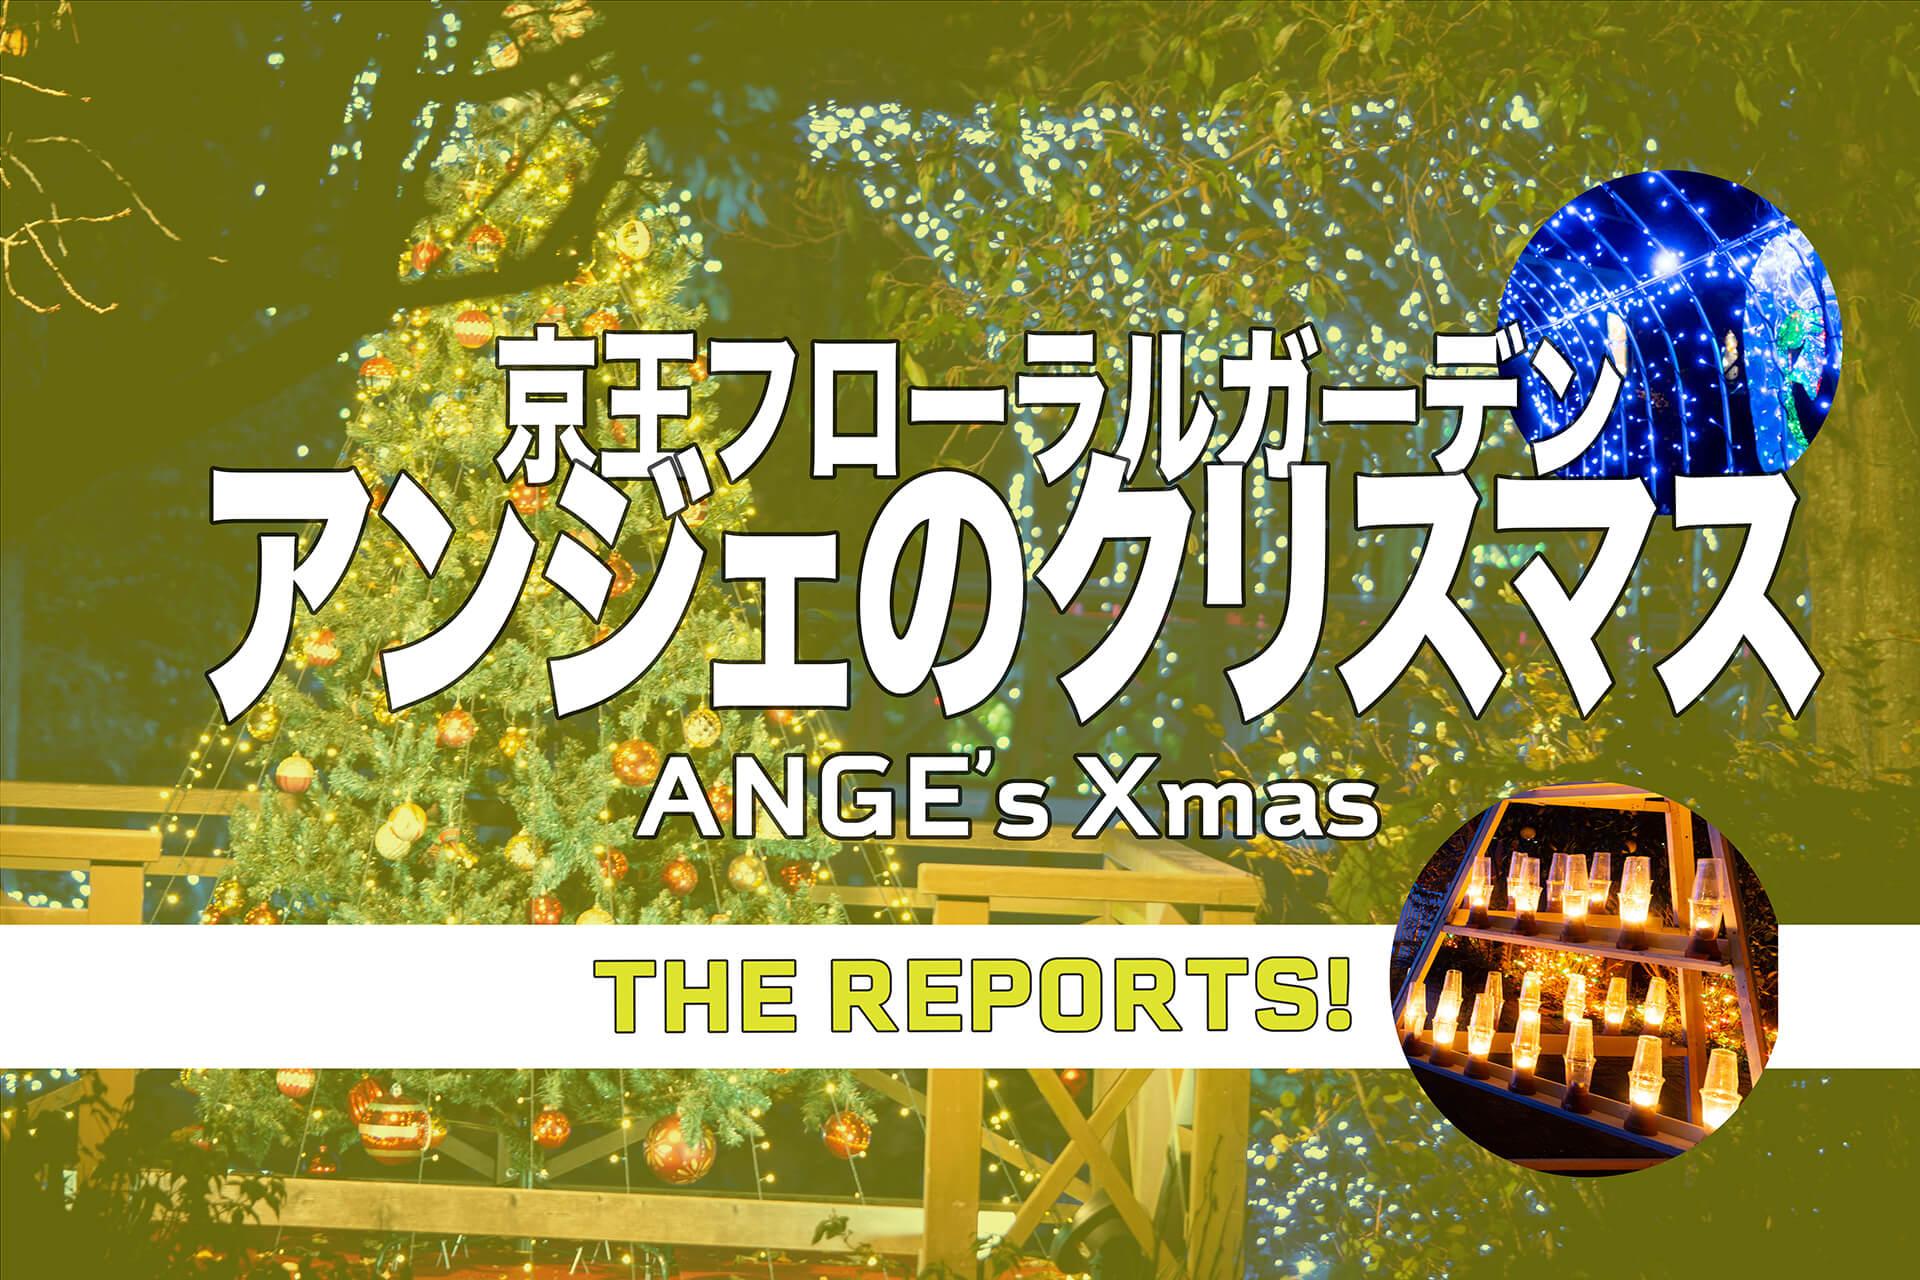 京王フローラルガーデン・アンジェ クリスマス